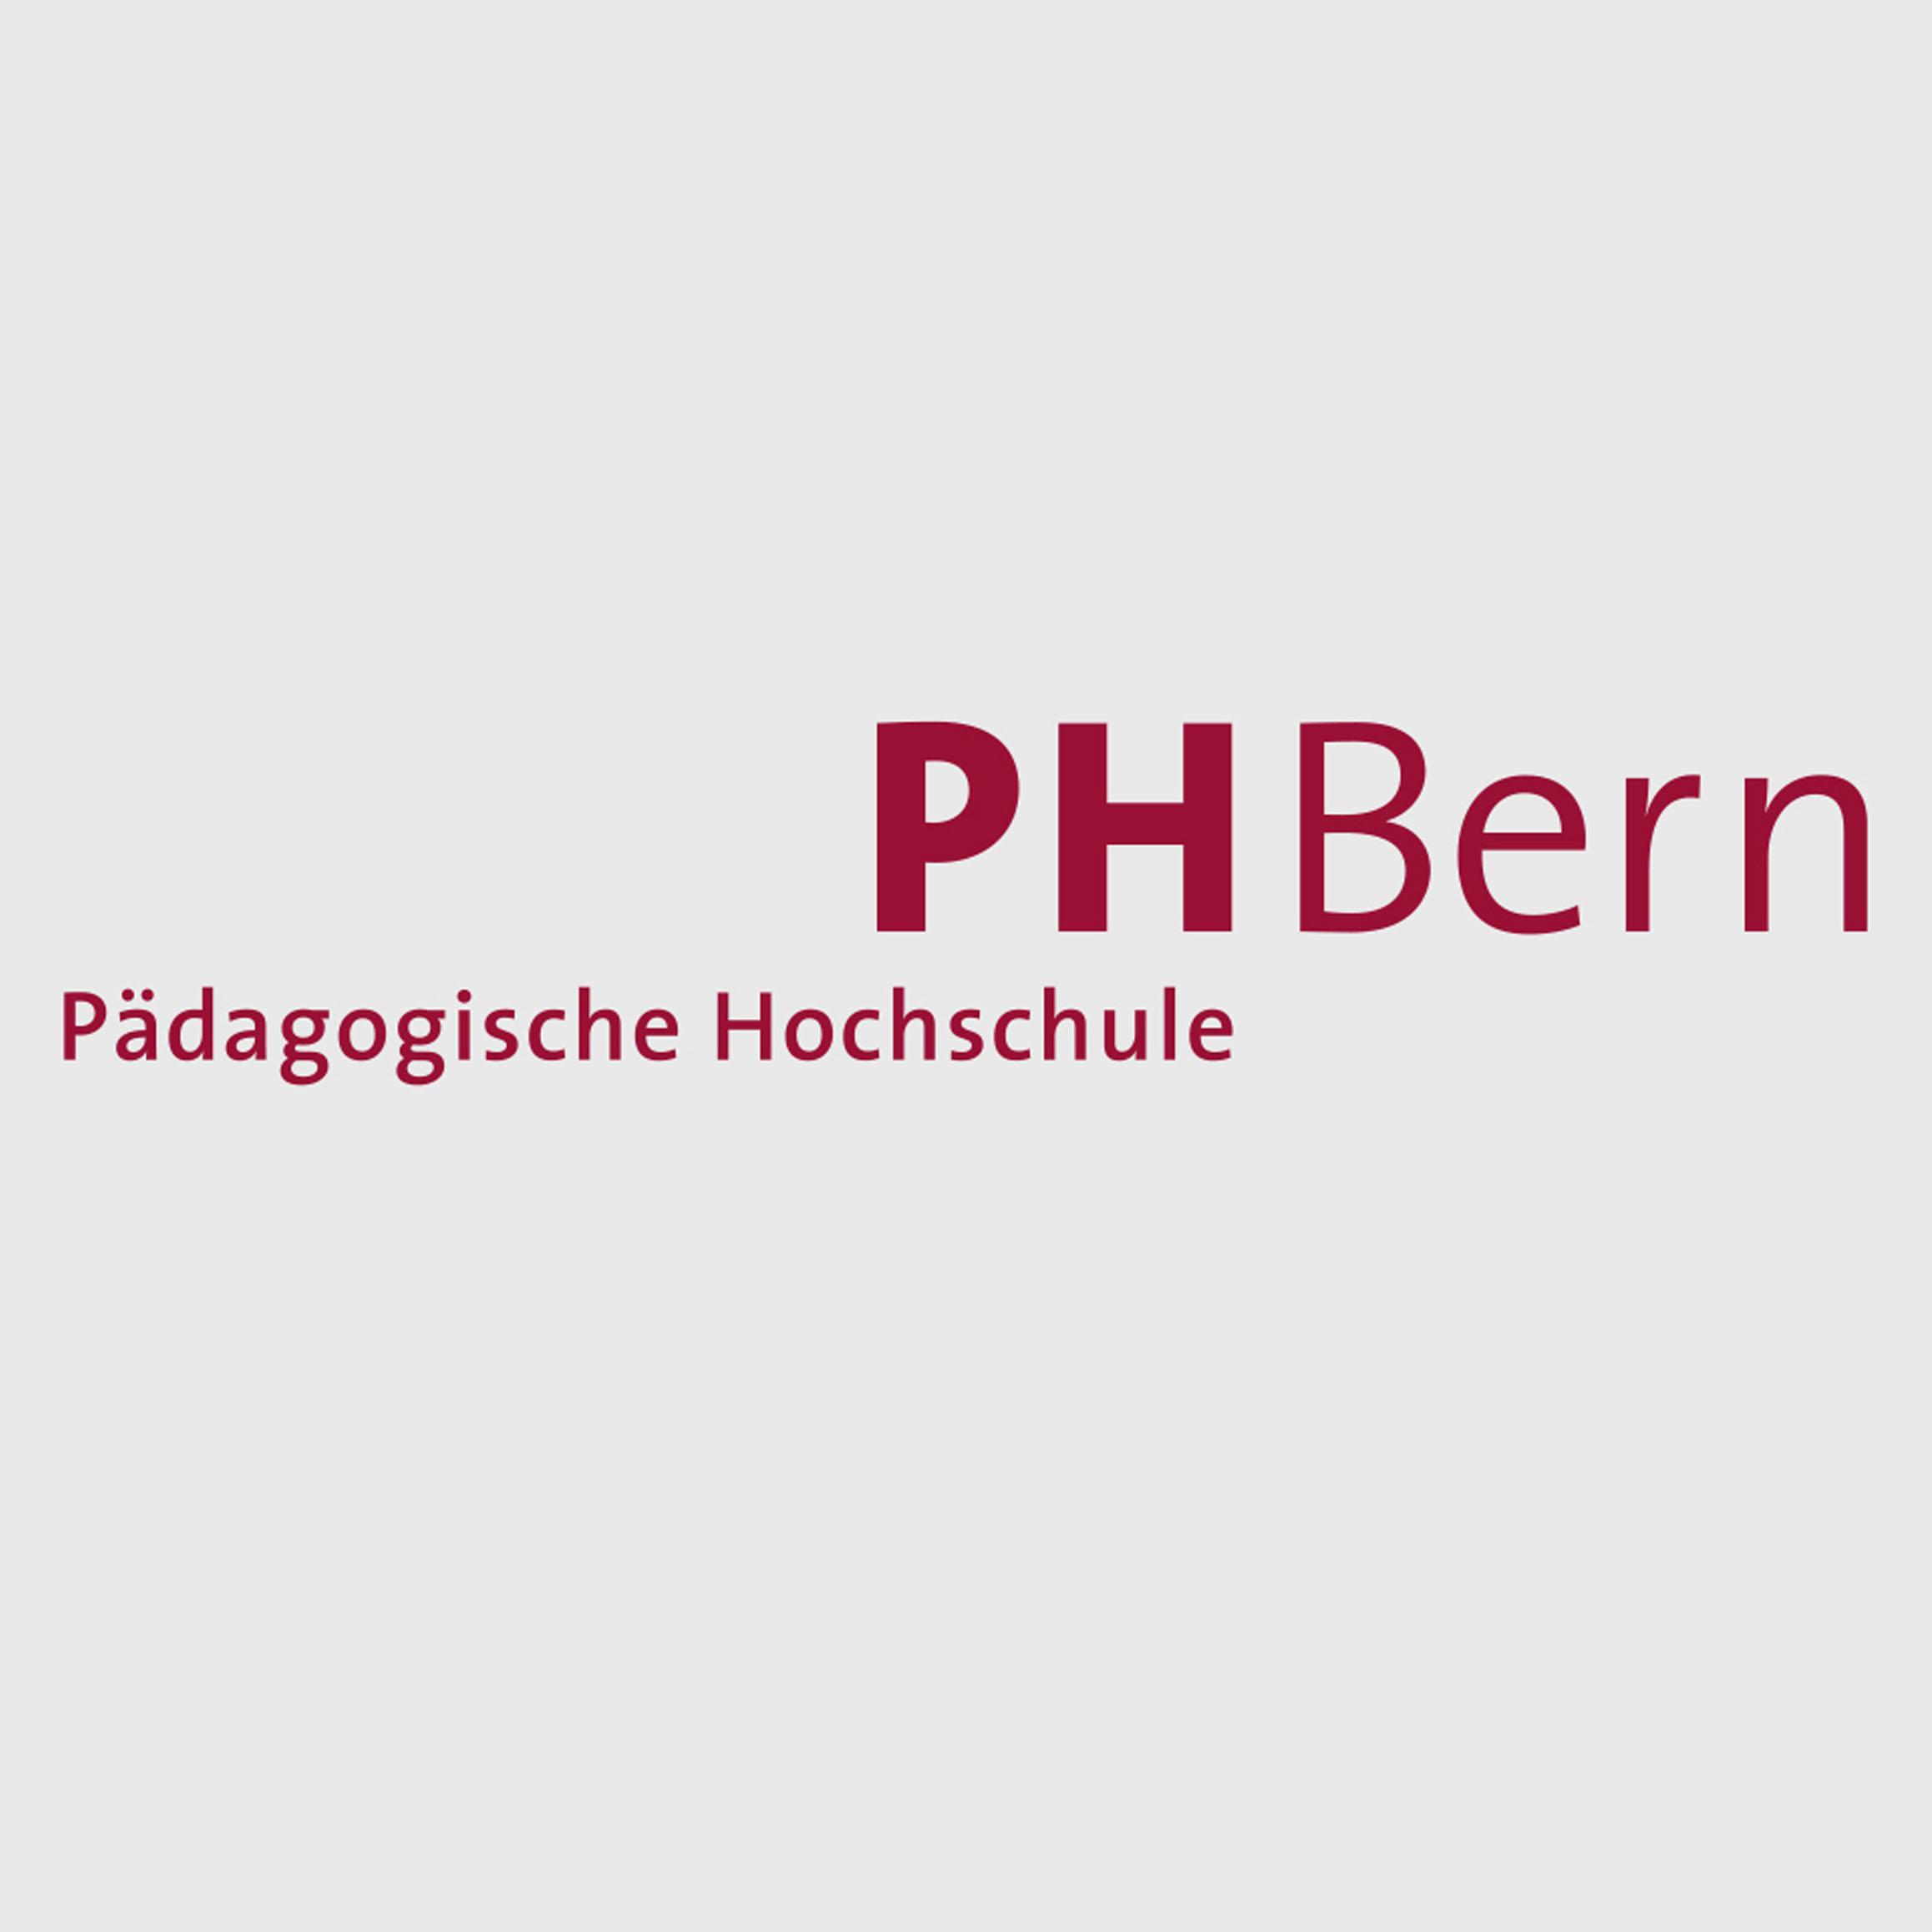 INSTITUT FÜR WEITERBILDUNG PH BERN